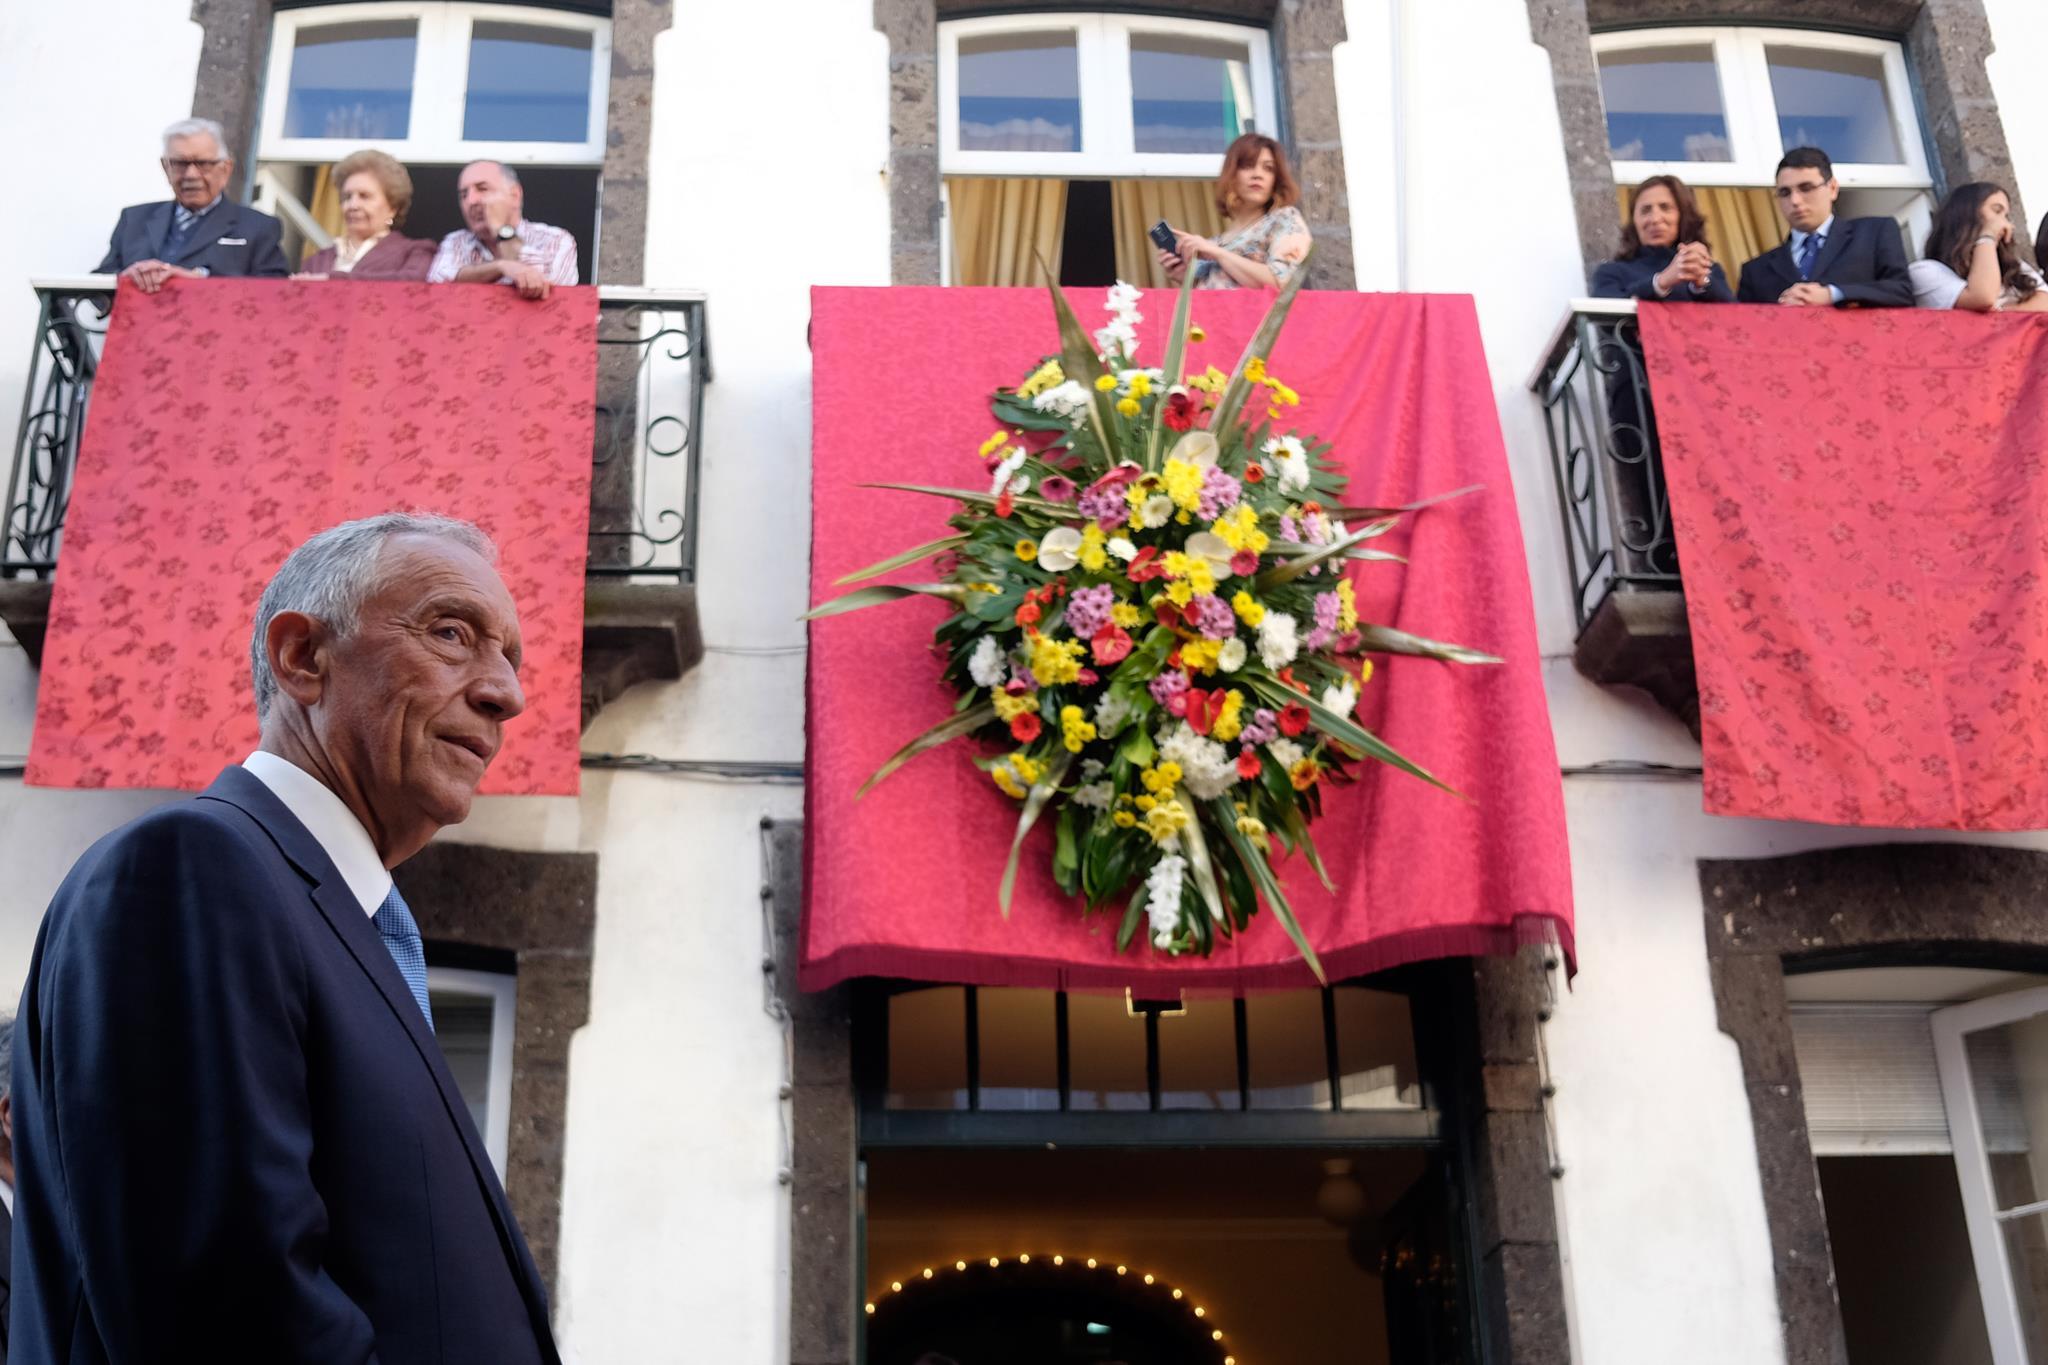 PÚBLICO - Marcelo promulga diploma que acaba com requalificação na função pública